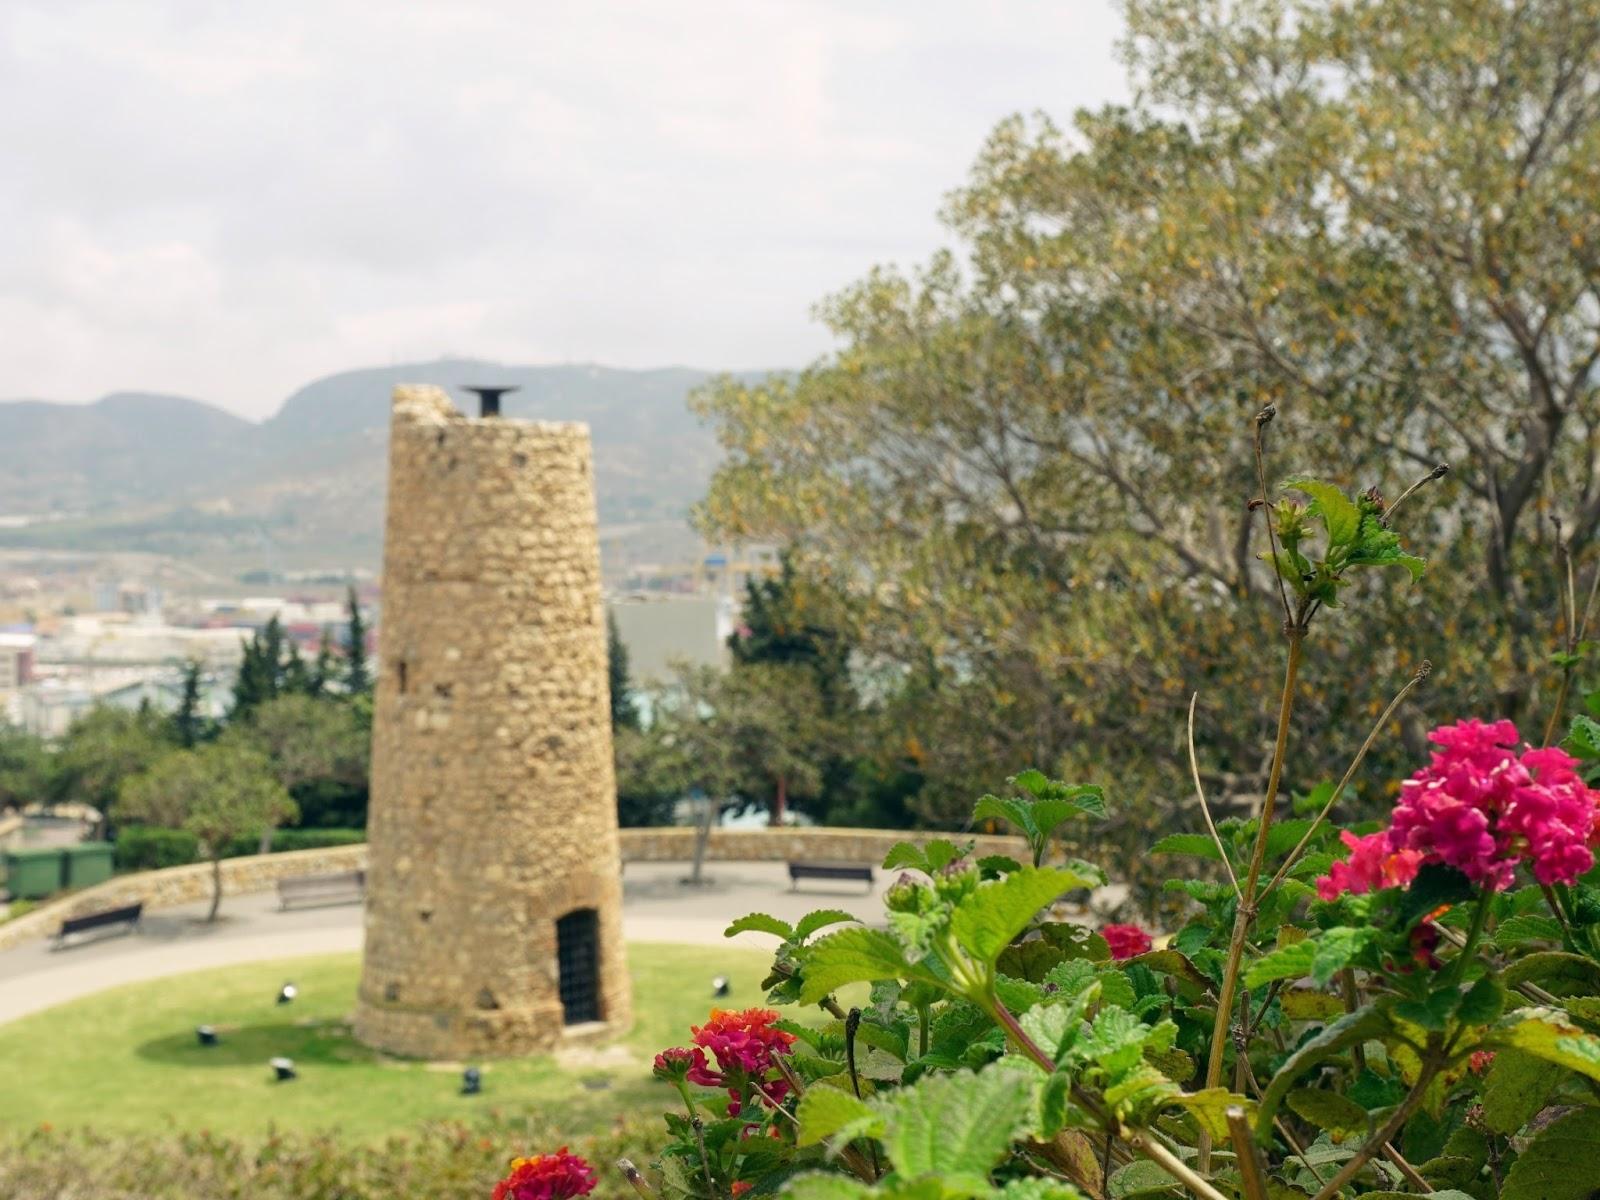 hiszpańskie miasto, Kartagena, panidorcia, blog, Hiszpania, podróże, kwiaty, zamek